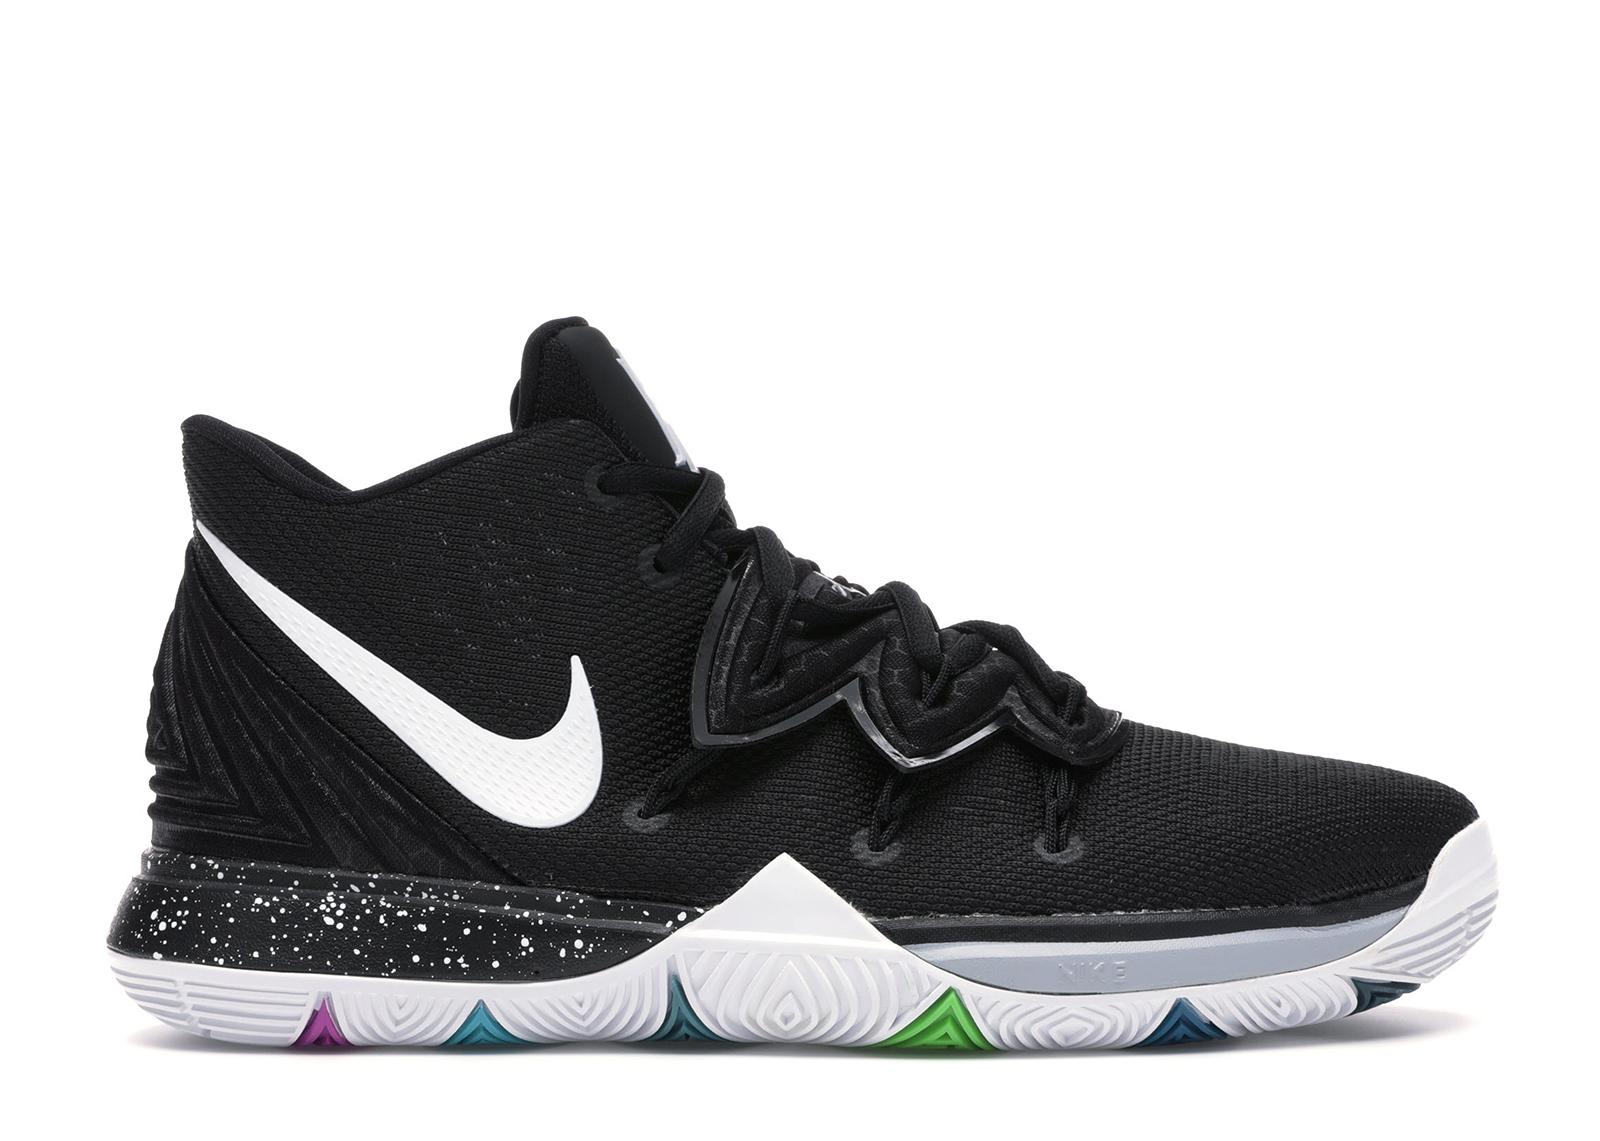 Nike Kyrie 5 Black Magic (GS) - AQ2456-901